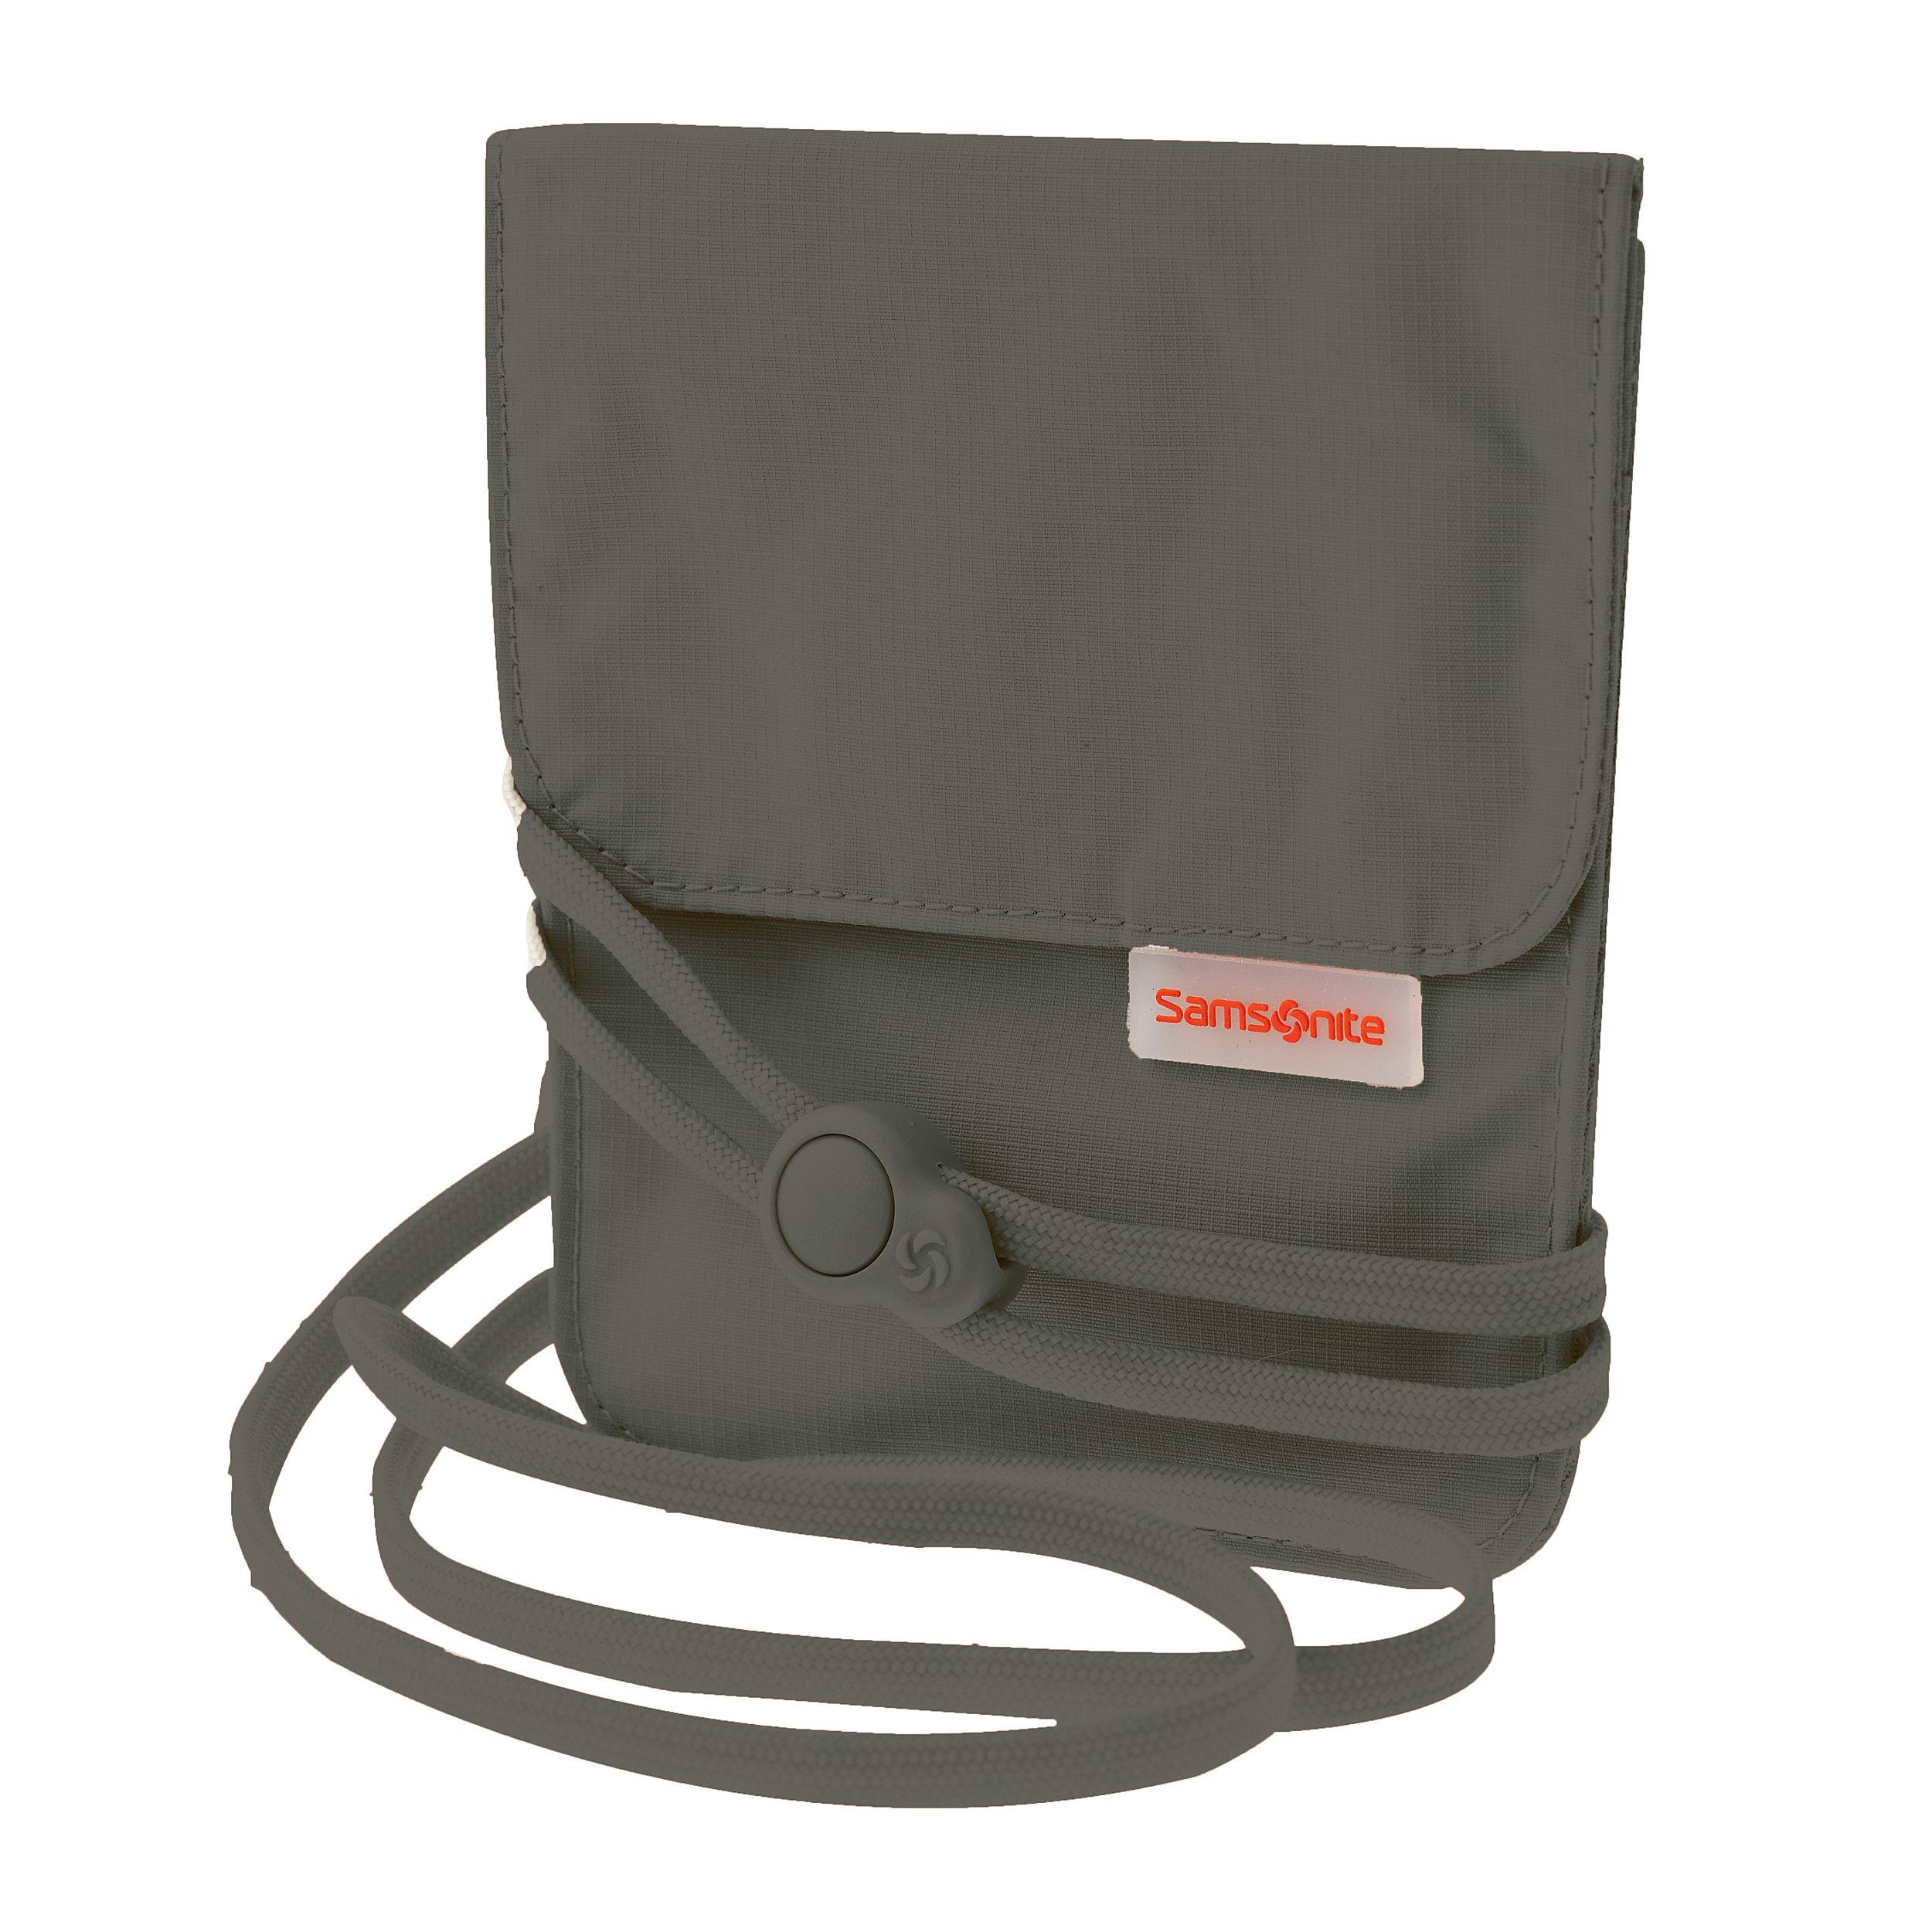 Brustbeutel Triple Pocket Neck Pouch Travel Accessories